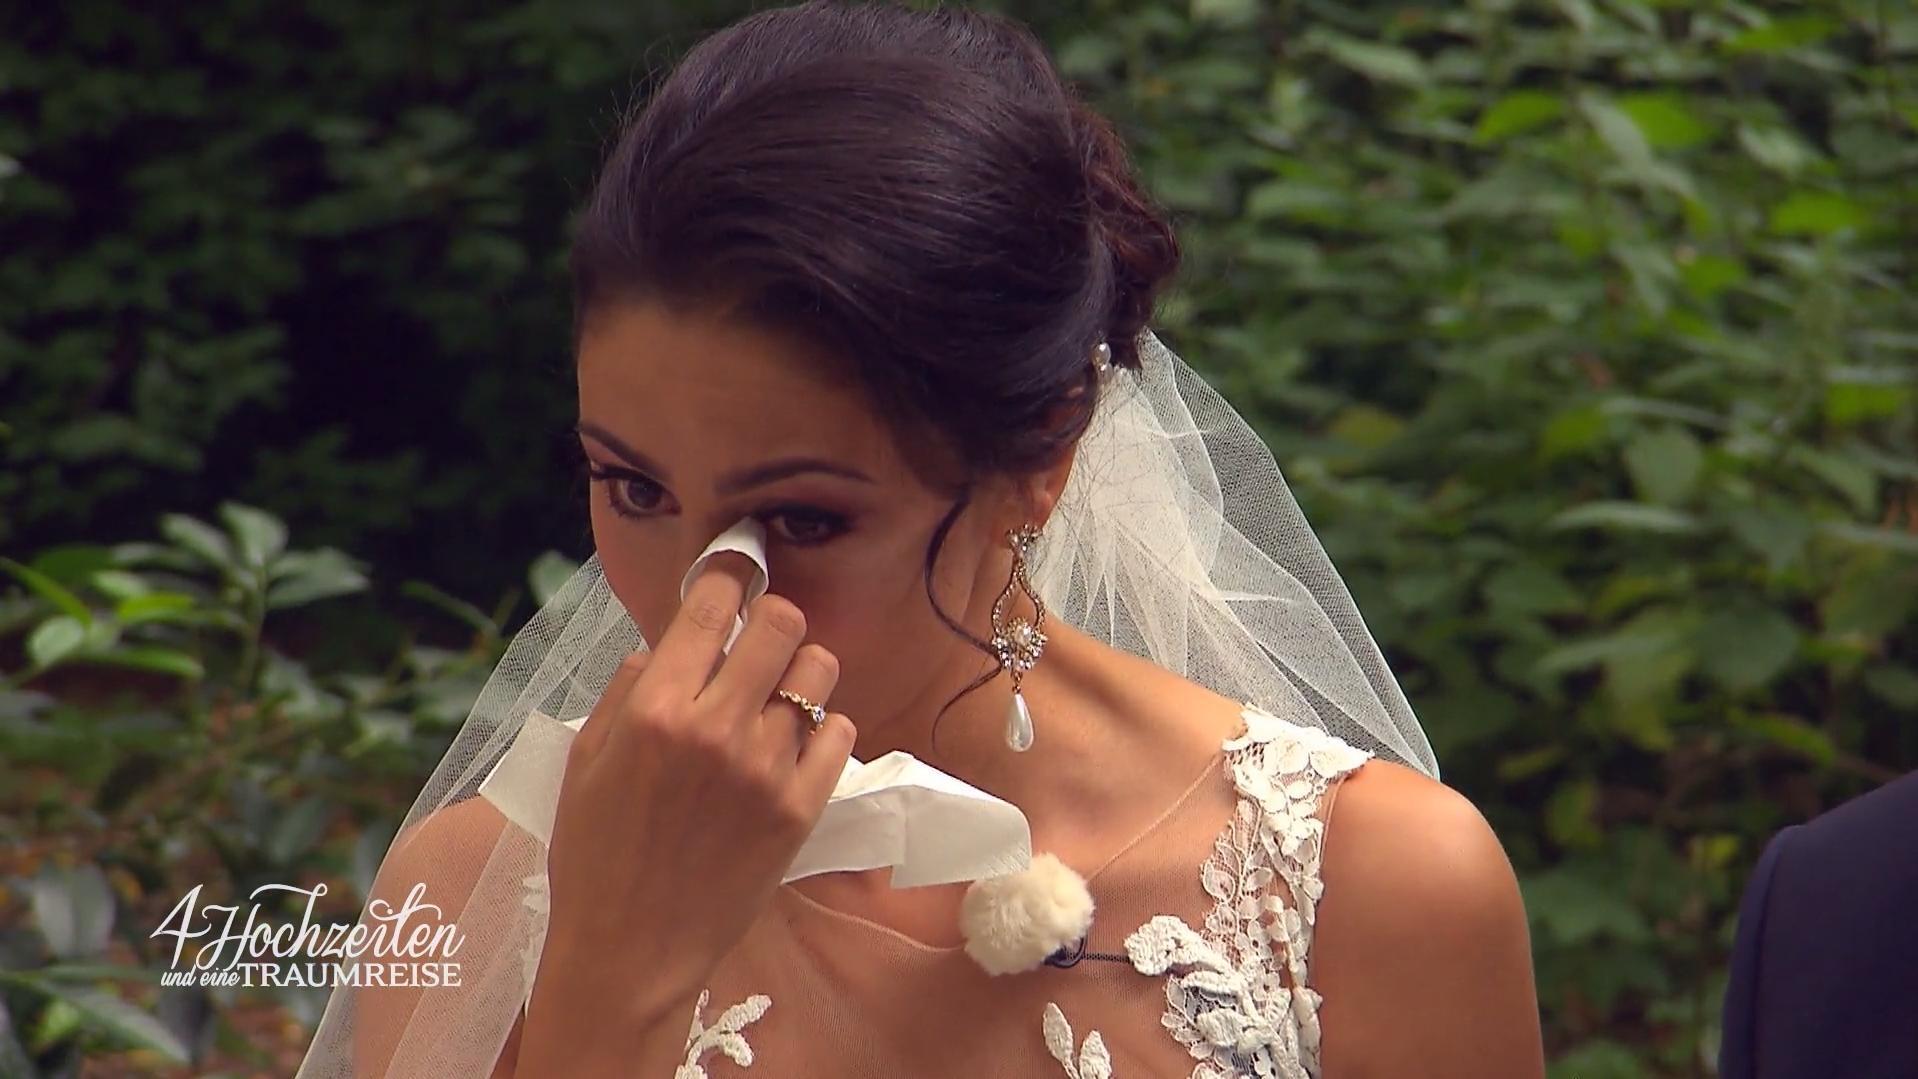 4 Hochzeiten Und Eine Traumreise Wunderkind Trotz Unfruchtbarkeit Der Braut